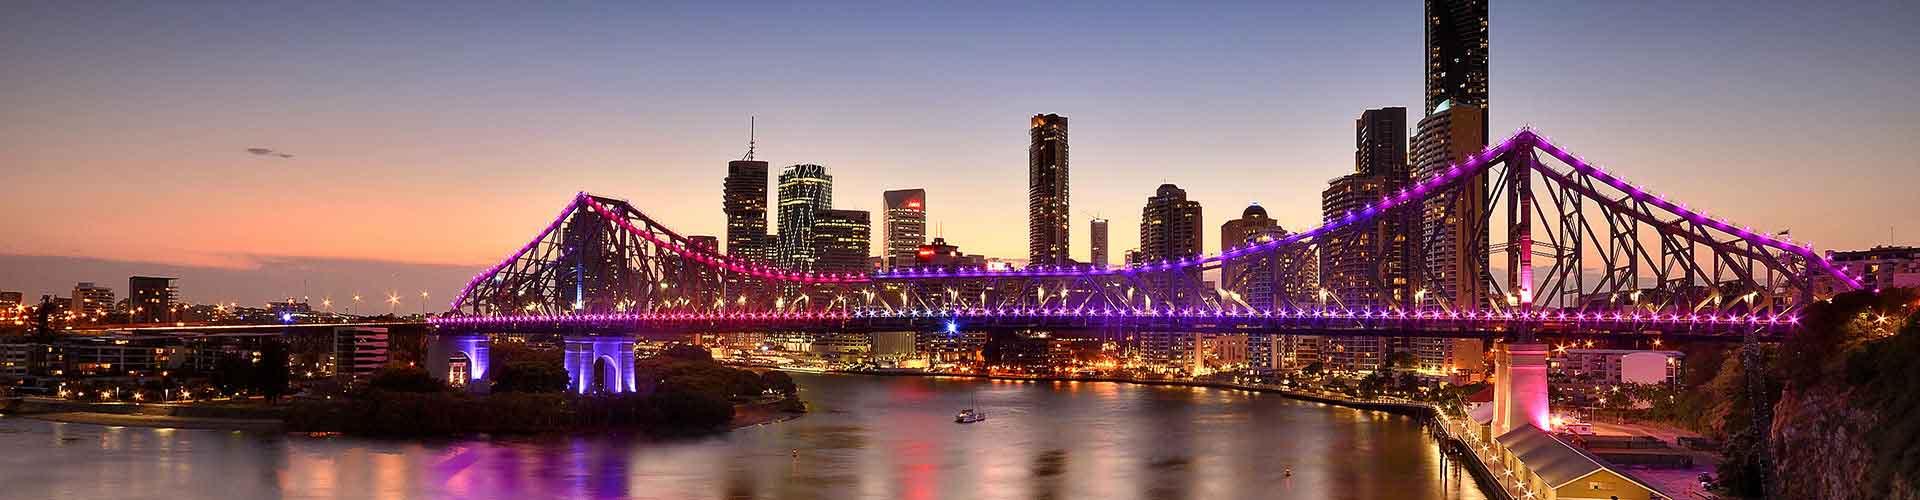 Brisbane - Ifjúsági Szállások Annerley városrészen. Brisbane térképek, fotók, és ajánlások minden egyes ifjúsági szállásra Brisbane-ben